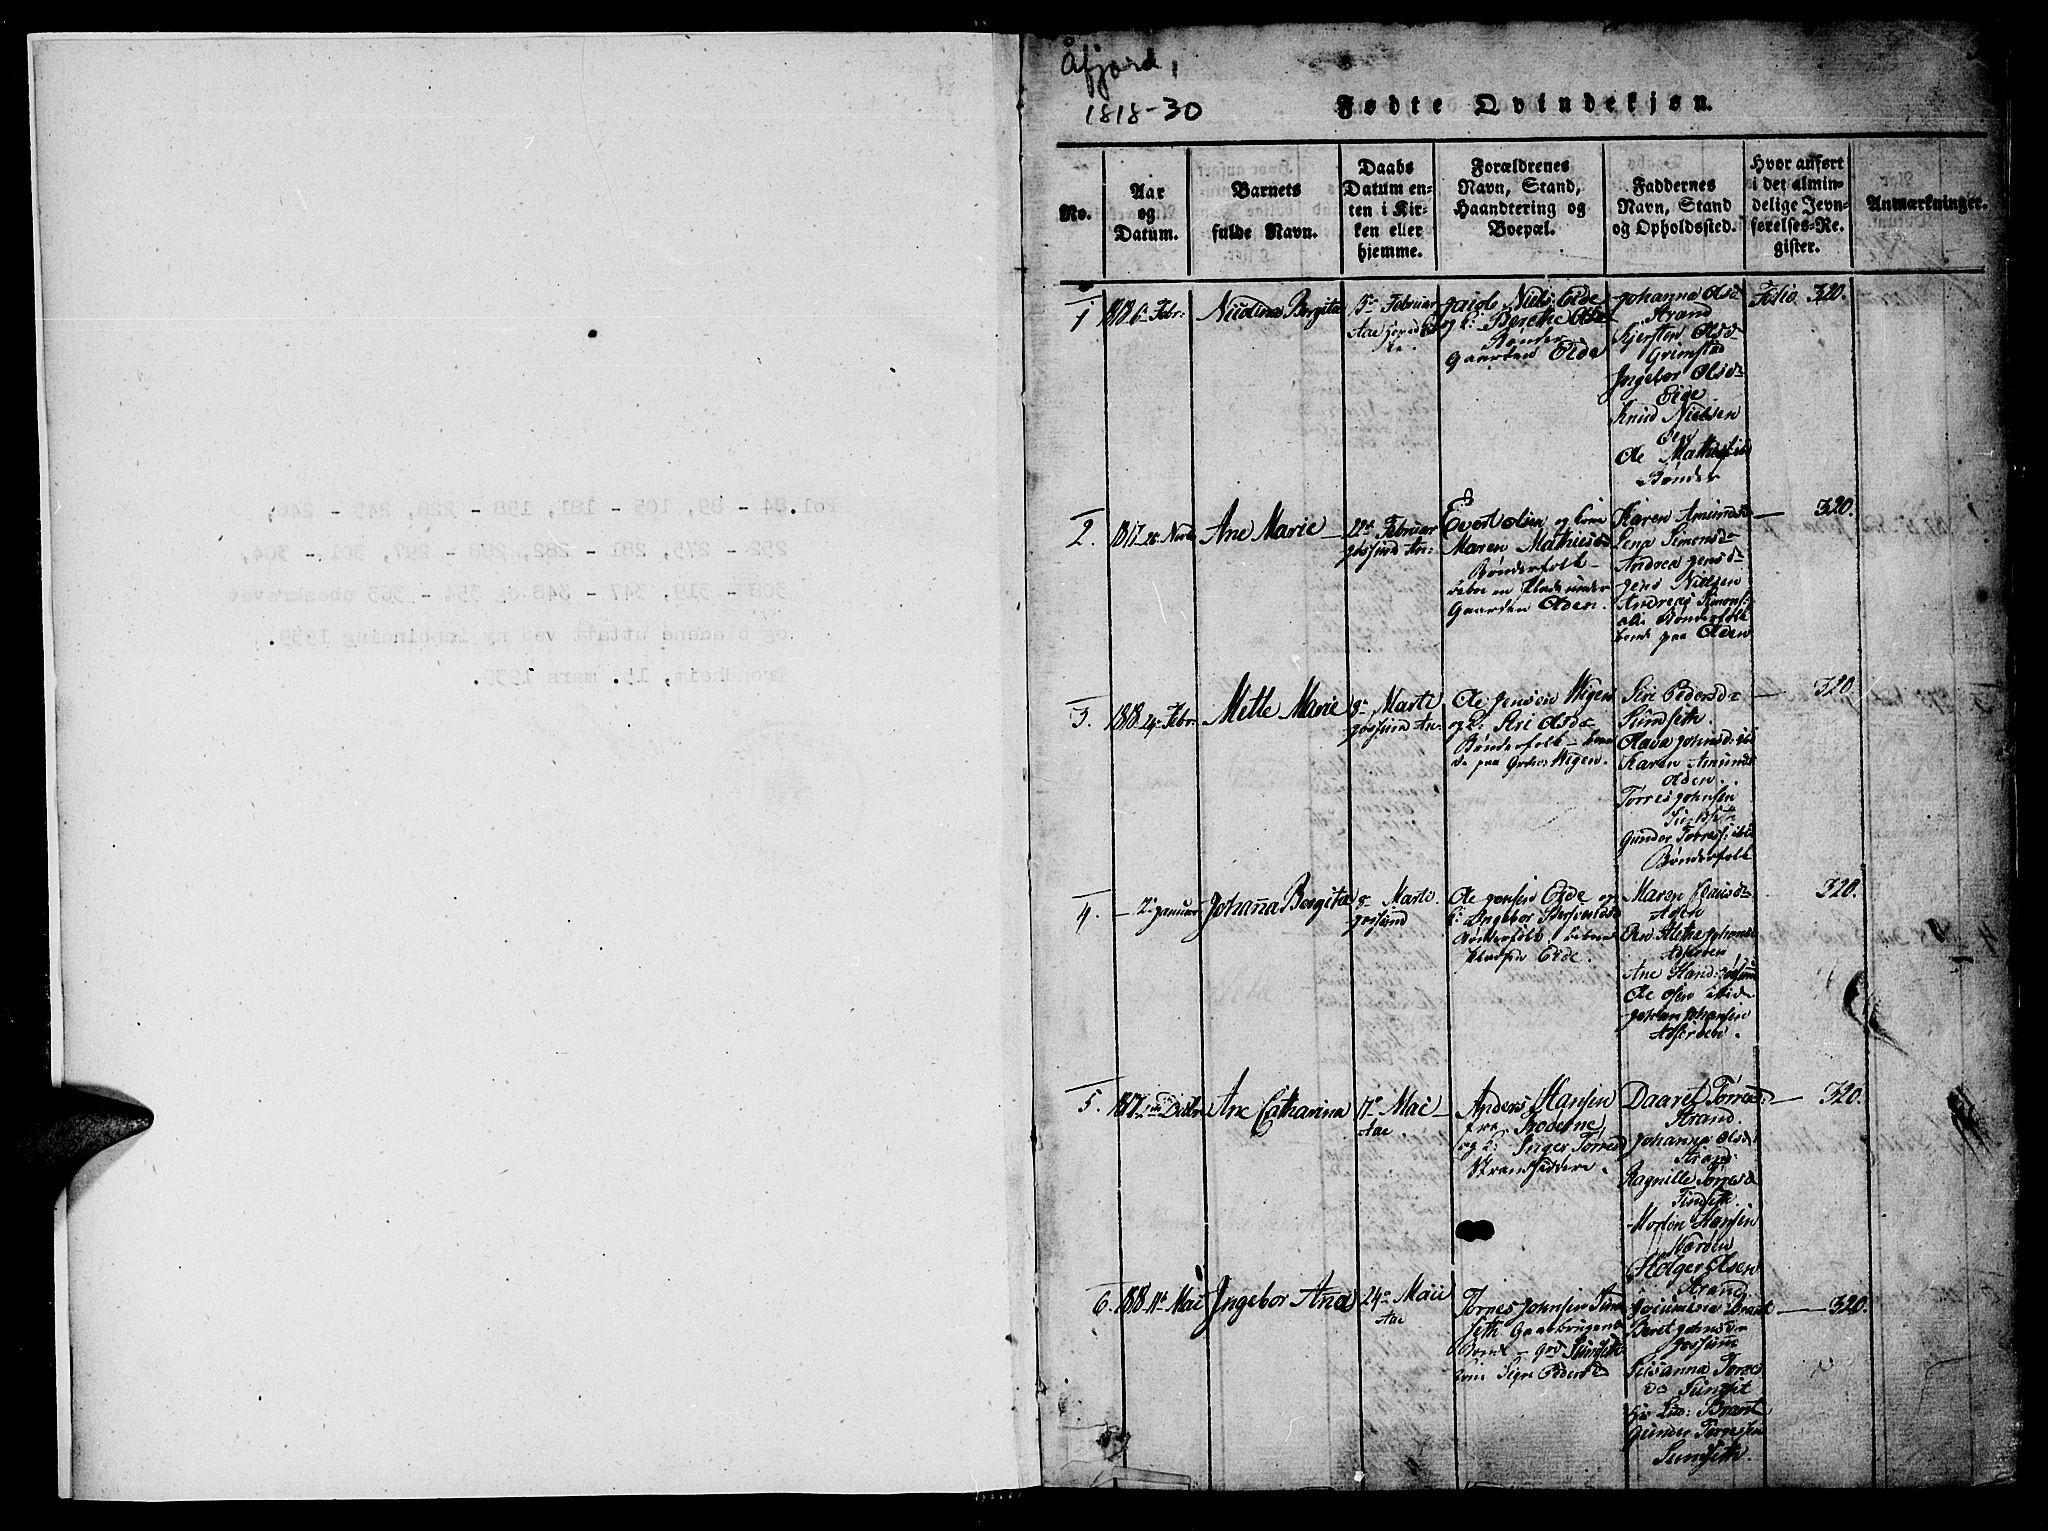 SAT, Ministerialprotokoller, klokkerbøker og fødselsregistre - Sør-Trøndelag, 655/L0675: Ministerialbok nr. 655A04, 1818-1830, s. 1